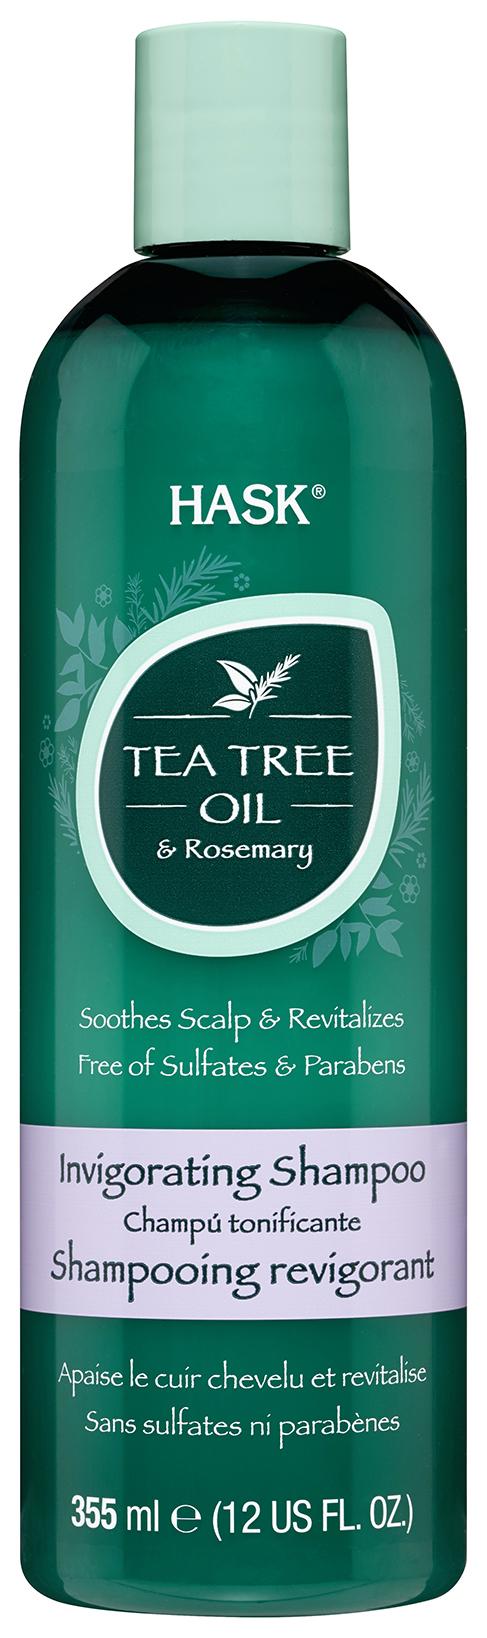 Купить Шампунь HASK Tee Tree Oil & Rosemary 355 мл